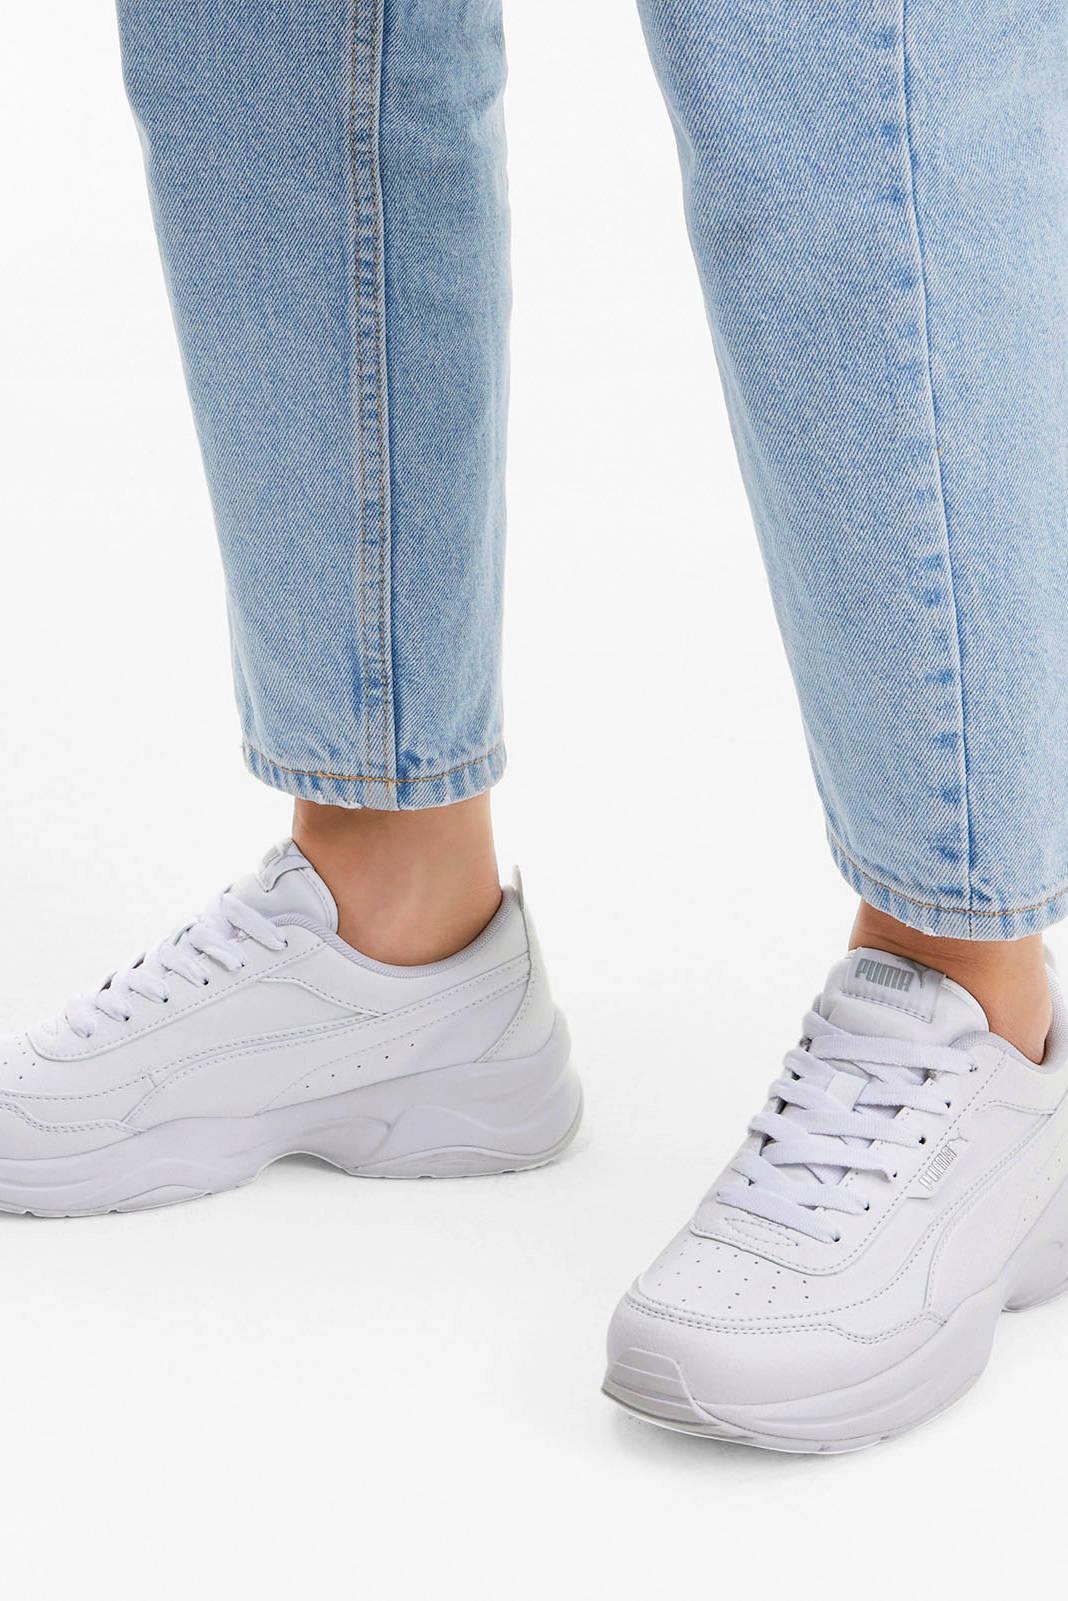 Puma Cilia Mode Sneakers